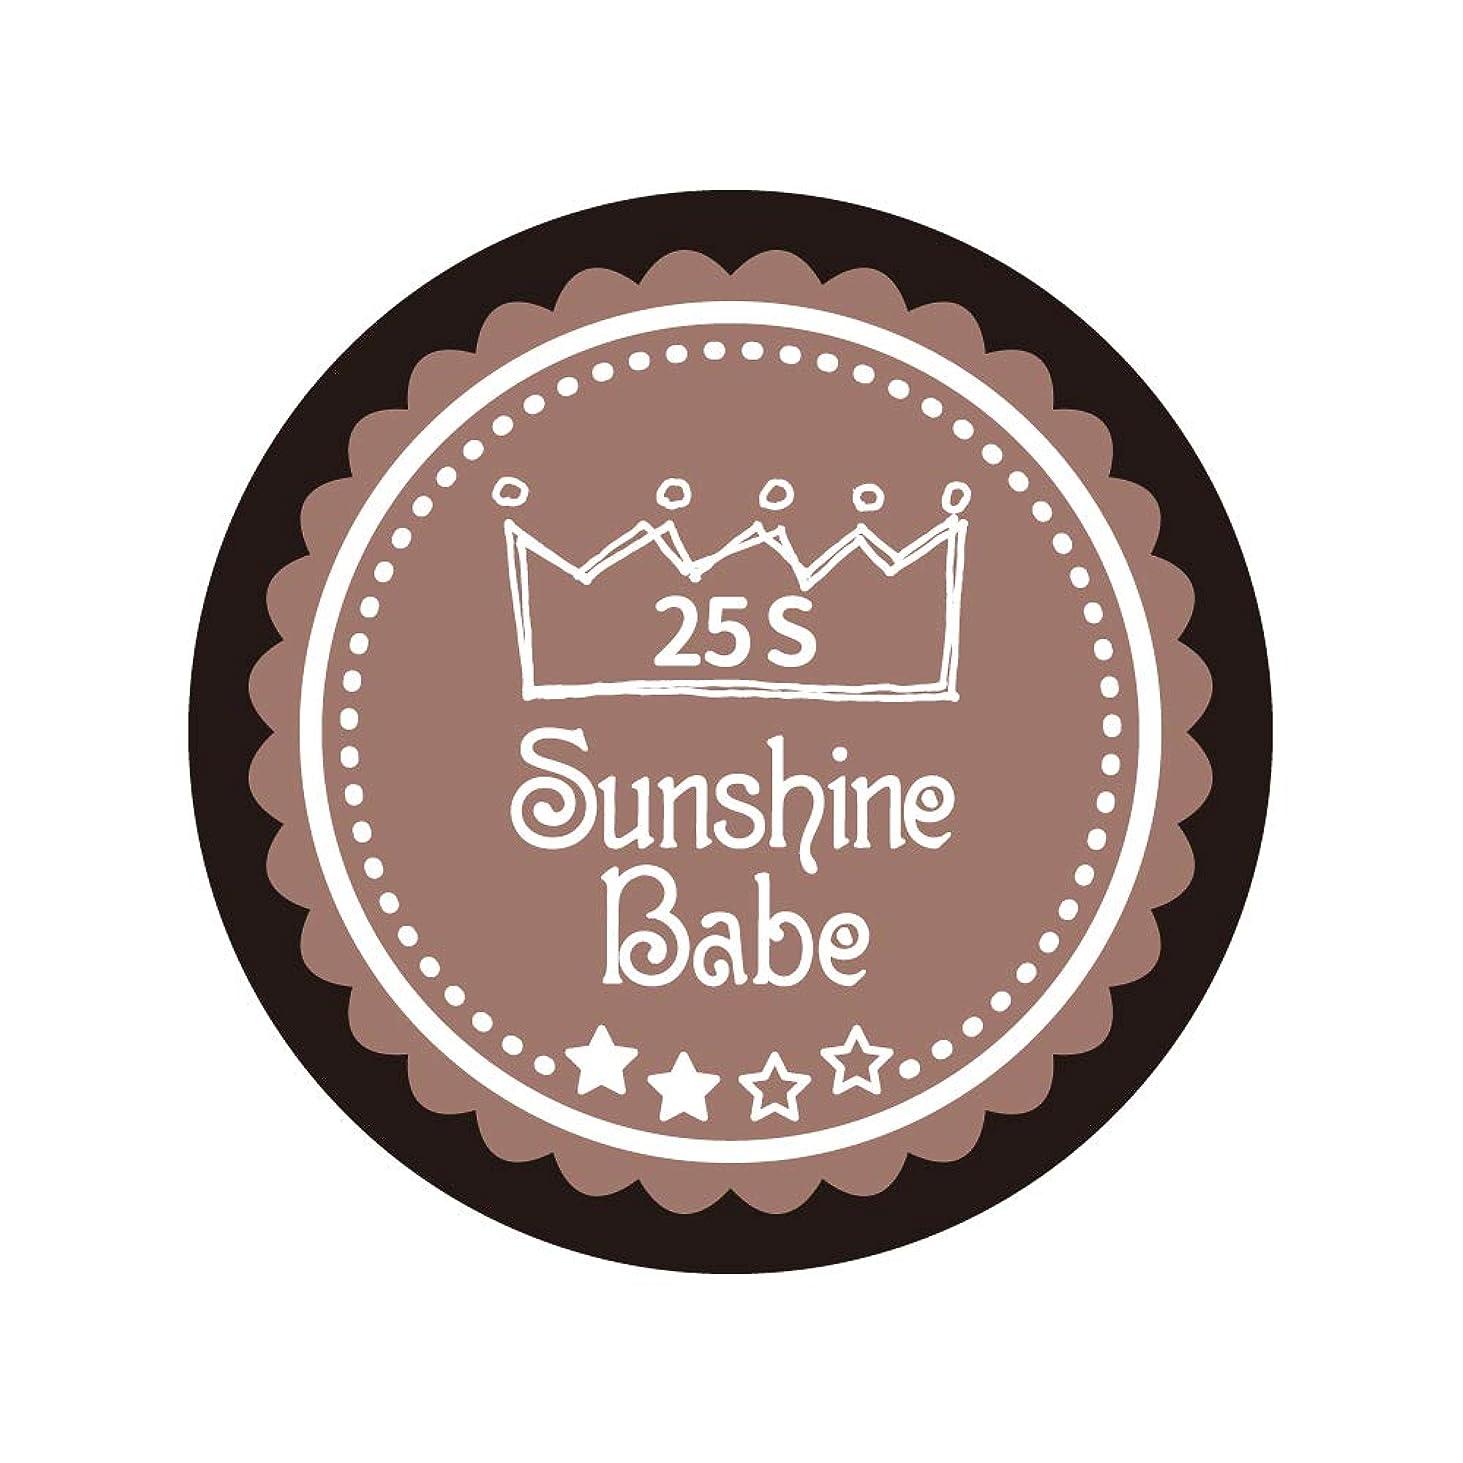 魅力的であることへのアピール手入れ位置するSunshine Babe コスメティックカラー 25S ミルキーココア 4g UV/LED対応